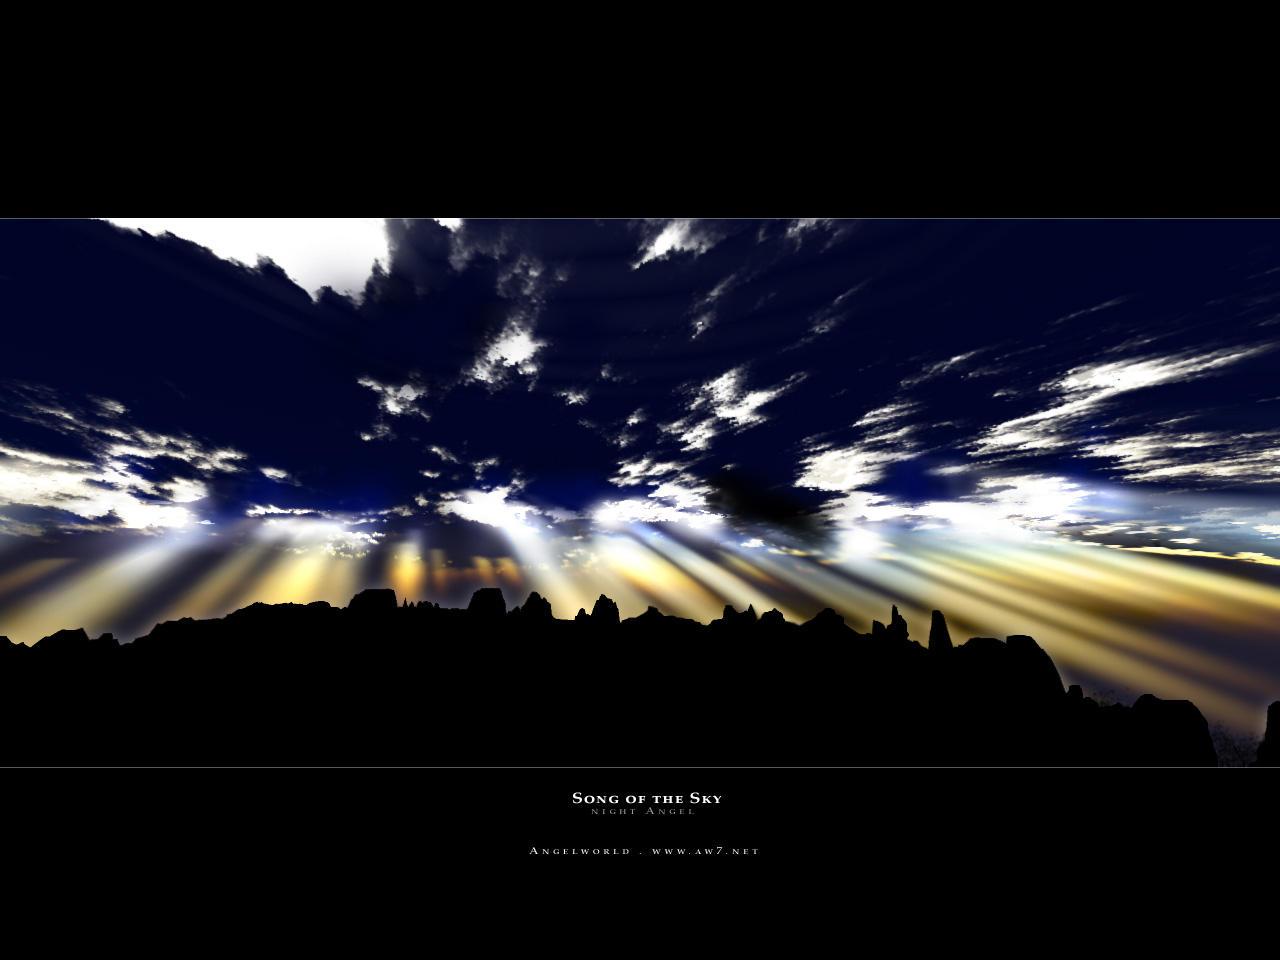 Song of the Sky by niteangel